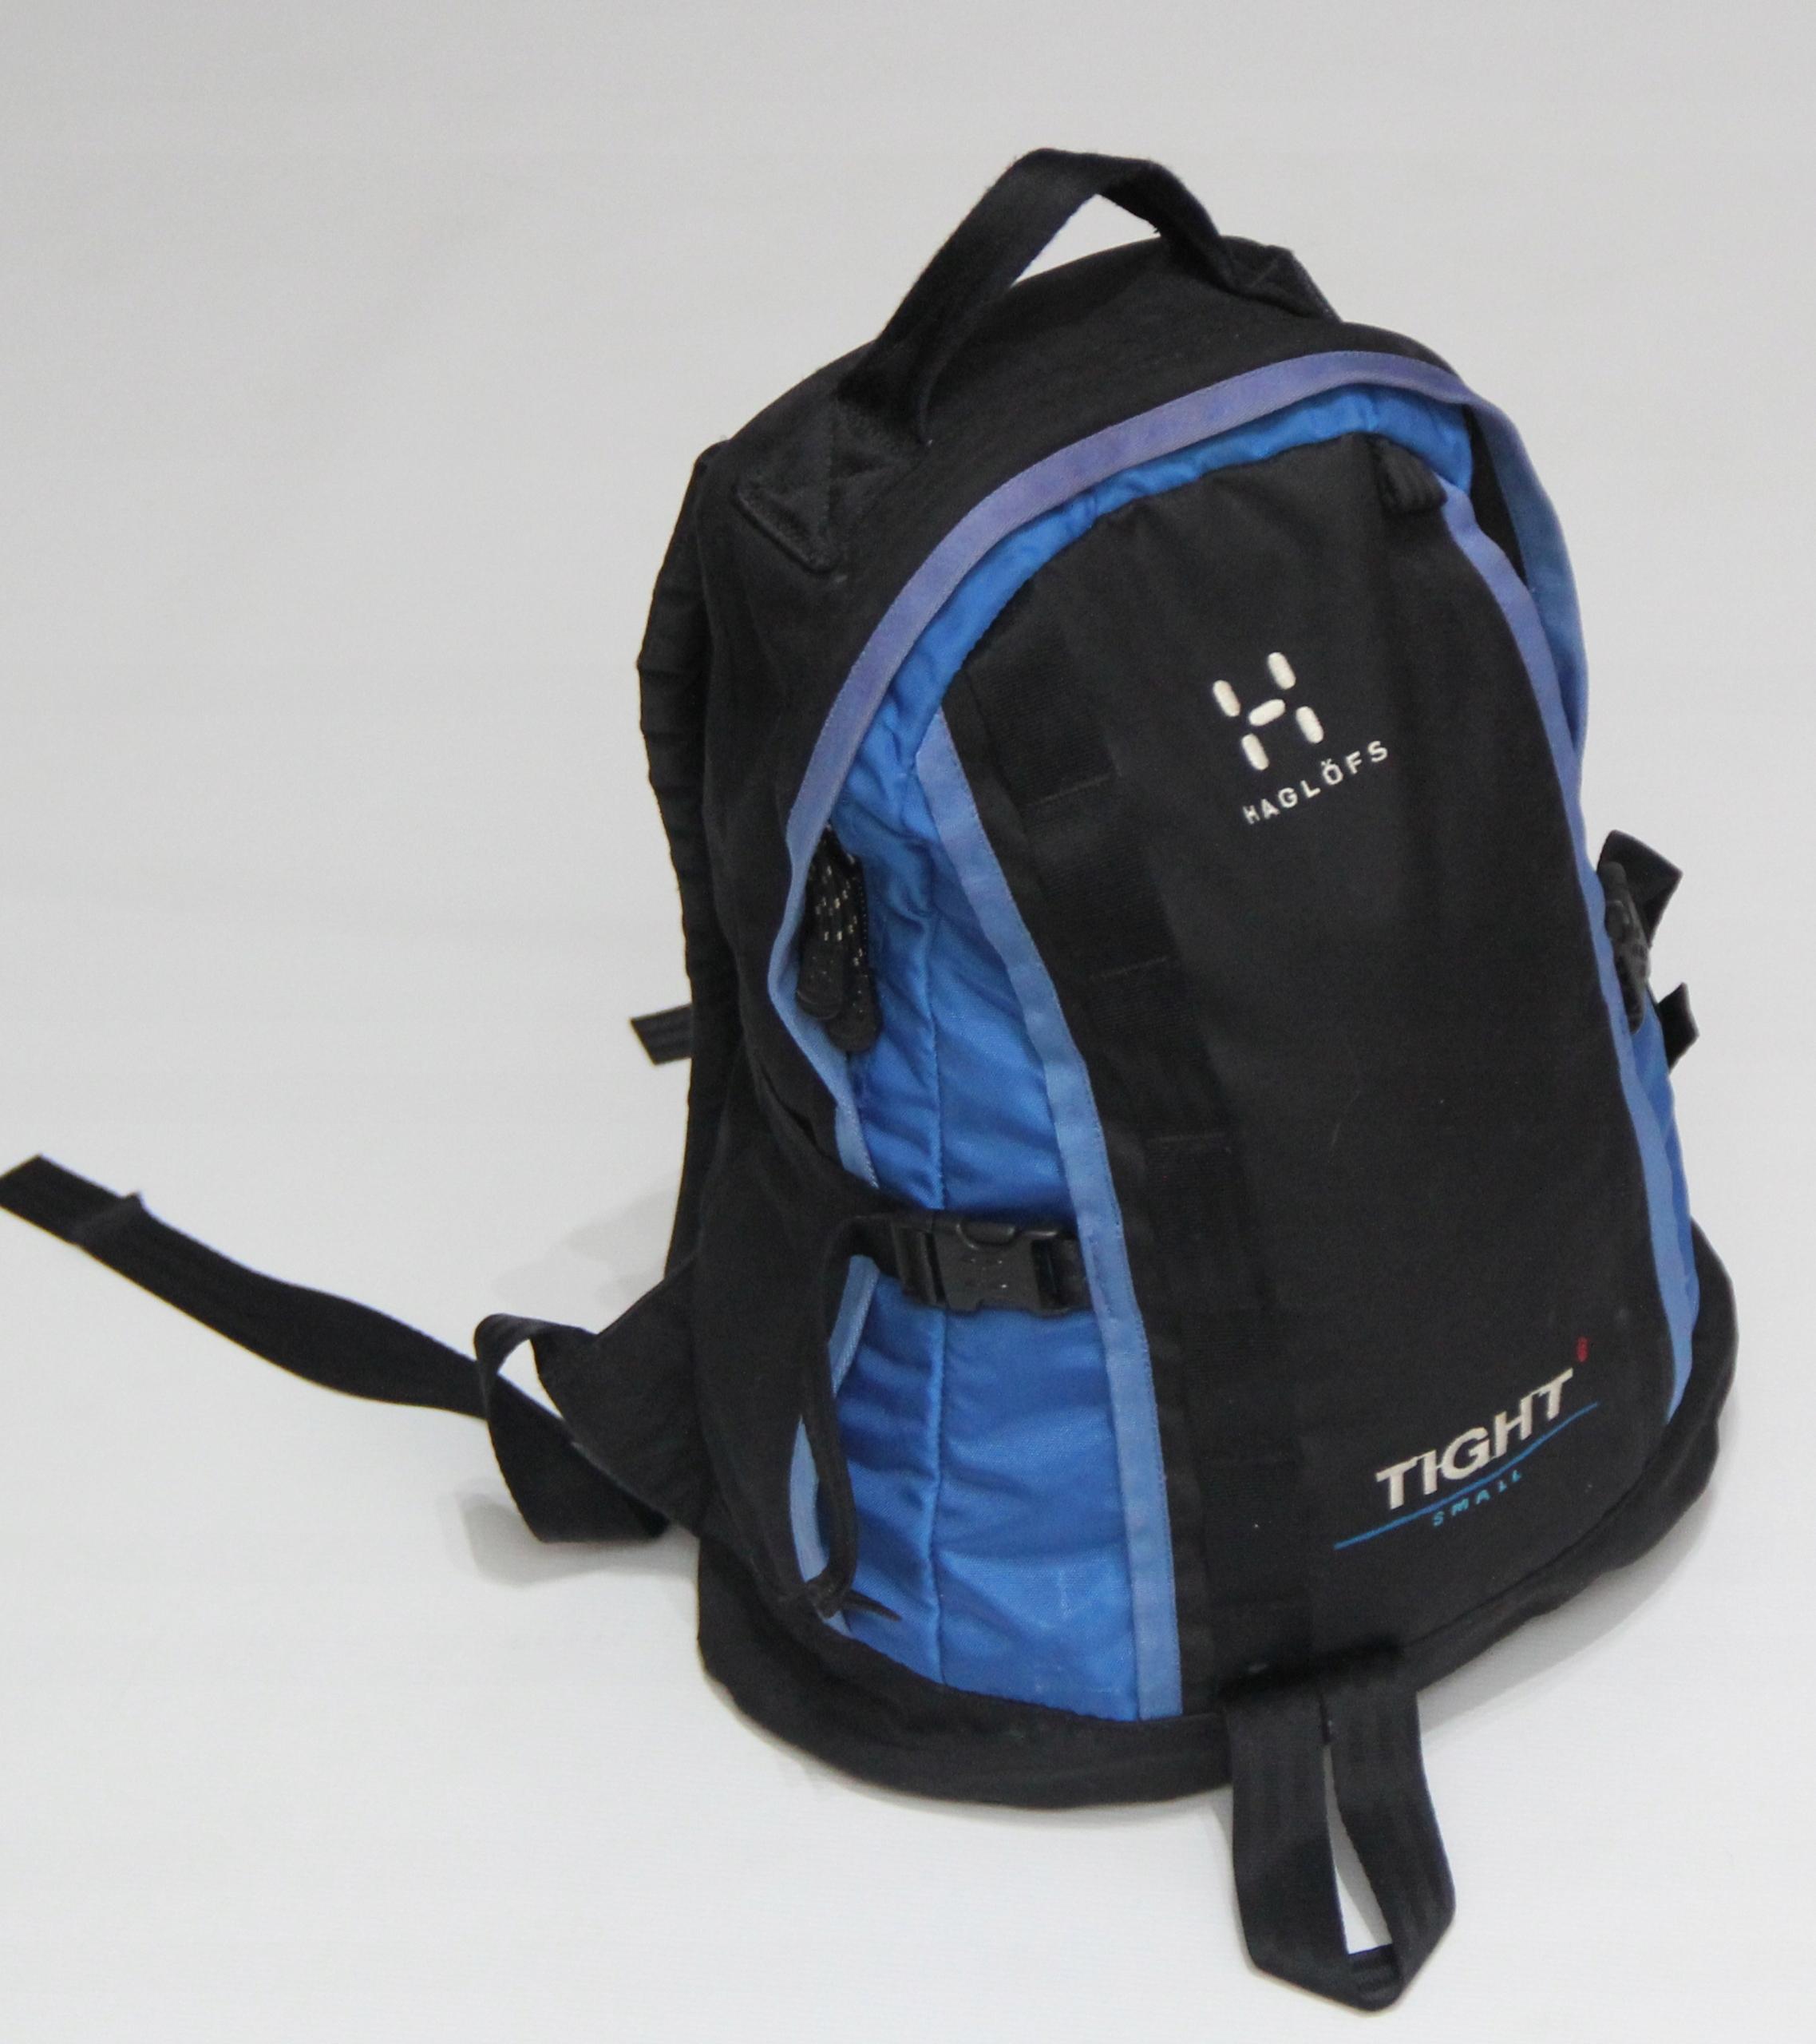 Turystyczny Plecak HAGLOFS TIGHT SMALL